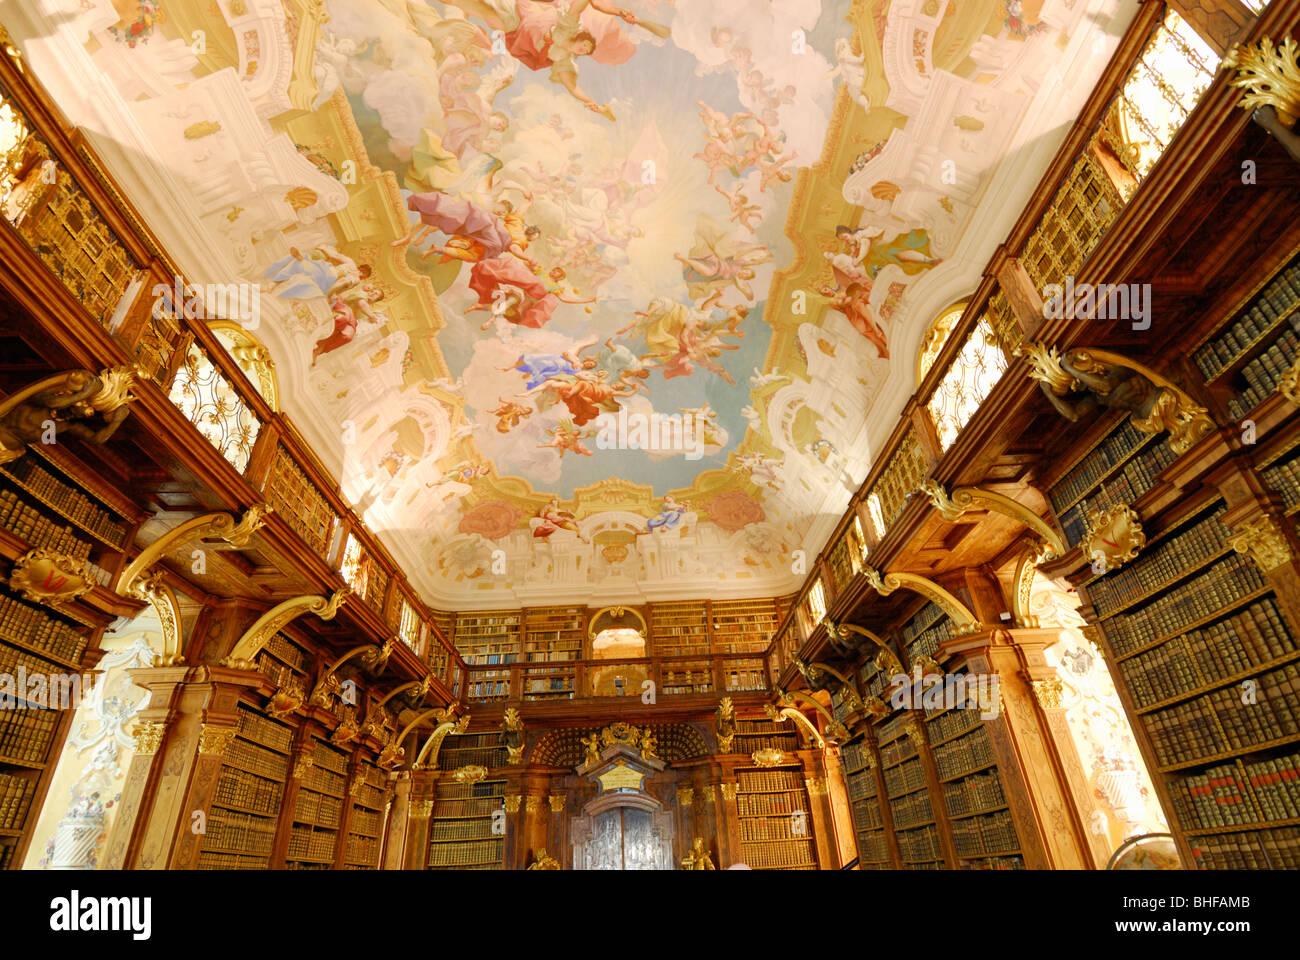 Melk Abbey Library Stock Photos  Melk Abbey Library Stock-5663